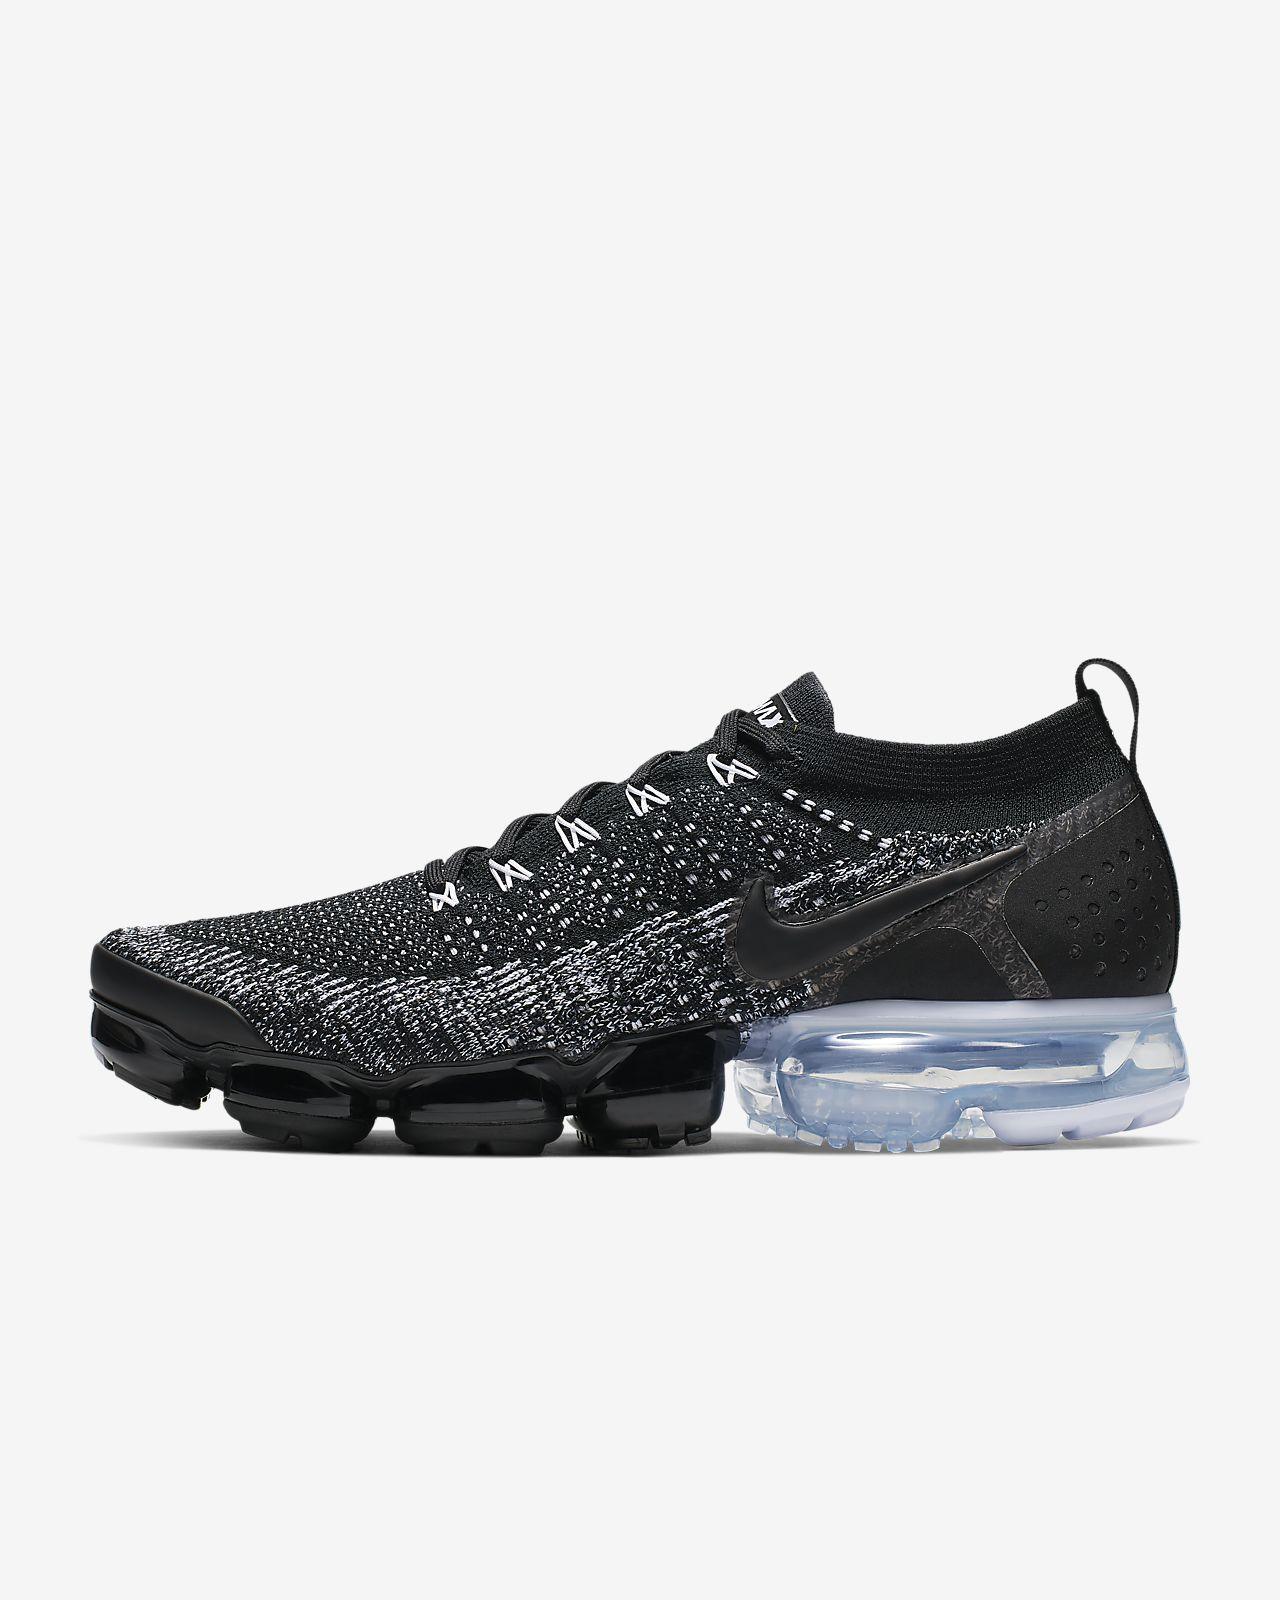 online store be4c5 de18a ... Chaussure Nike Air VaporMax Flyknit 2